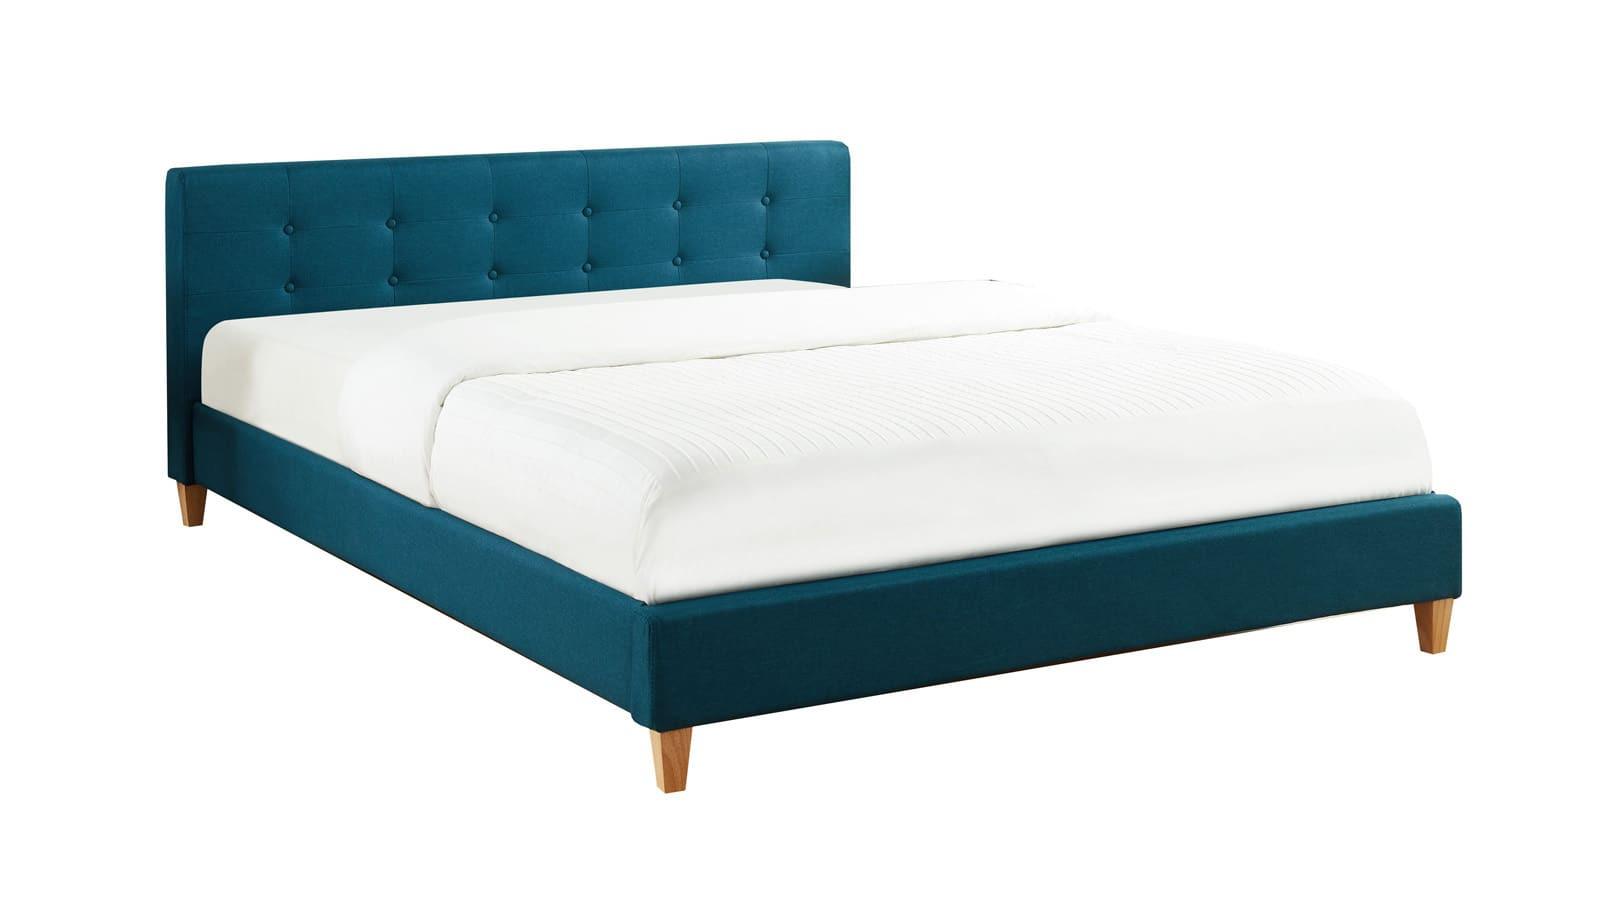 Lit bleu canard 160x200 avec sommier à lattes et tête de lit